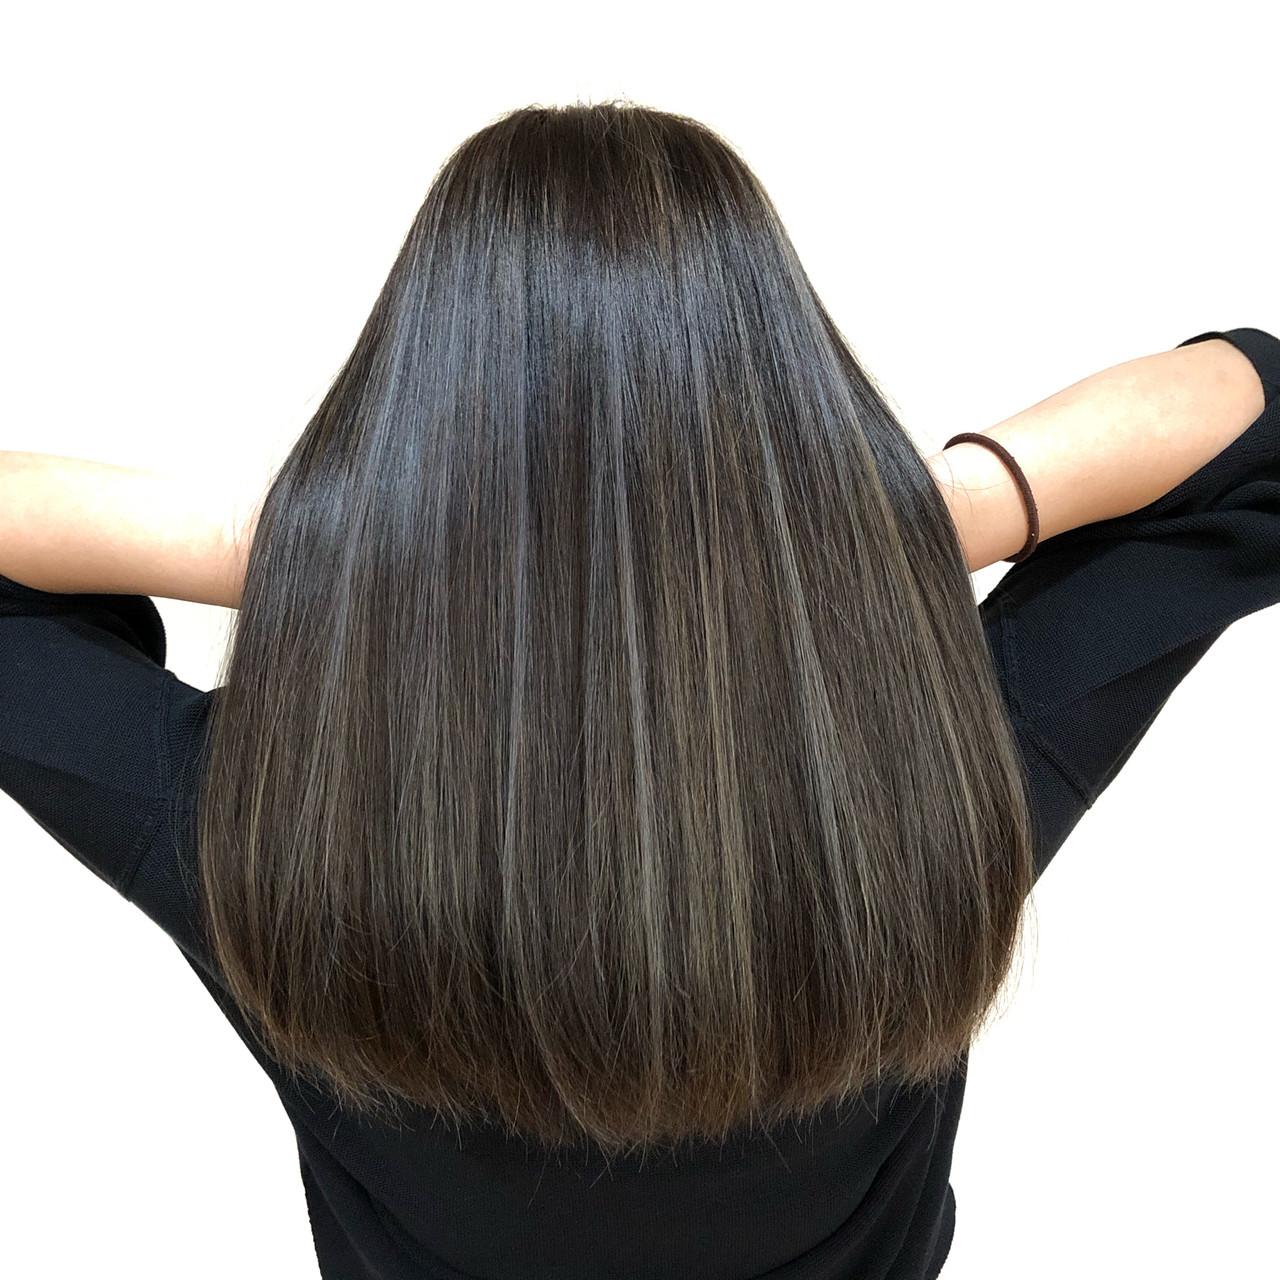 コントラストハイライト ハイライト ブリーチ ロング ヘアスタイルや髪型の写真・画像